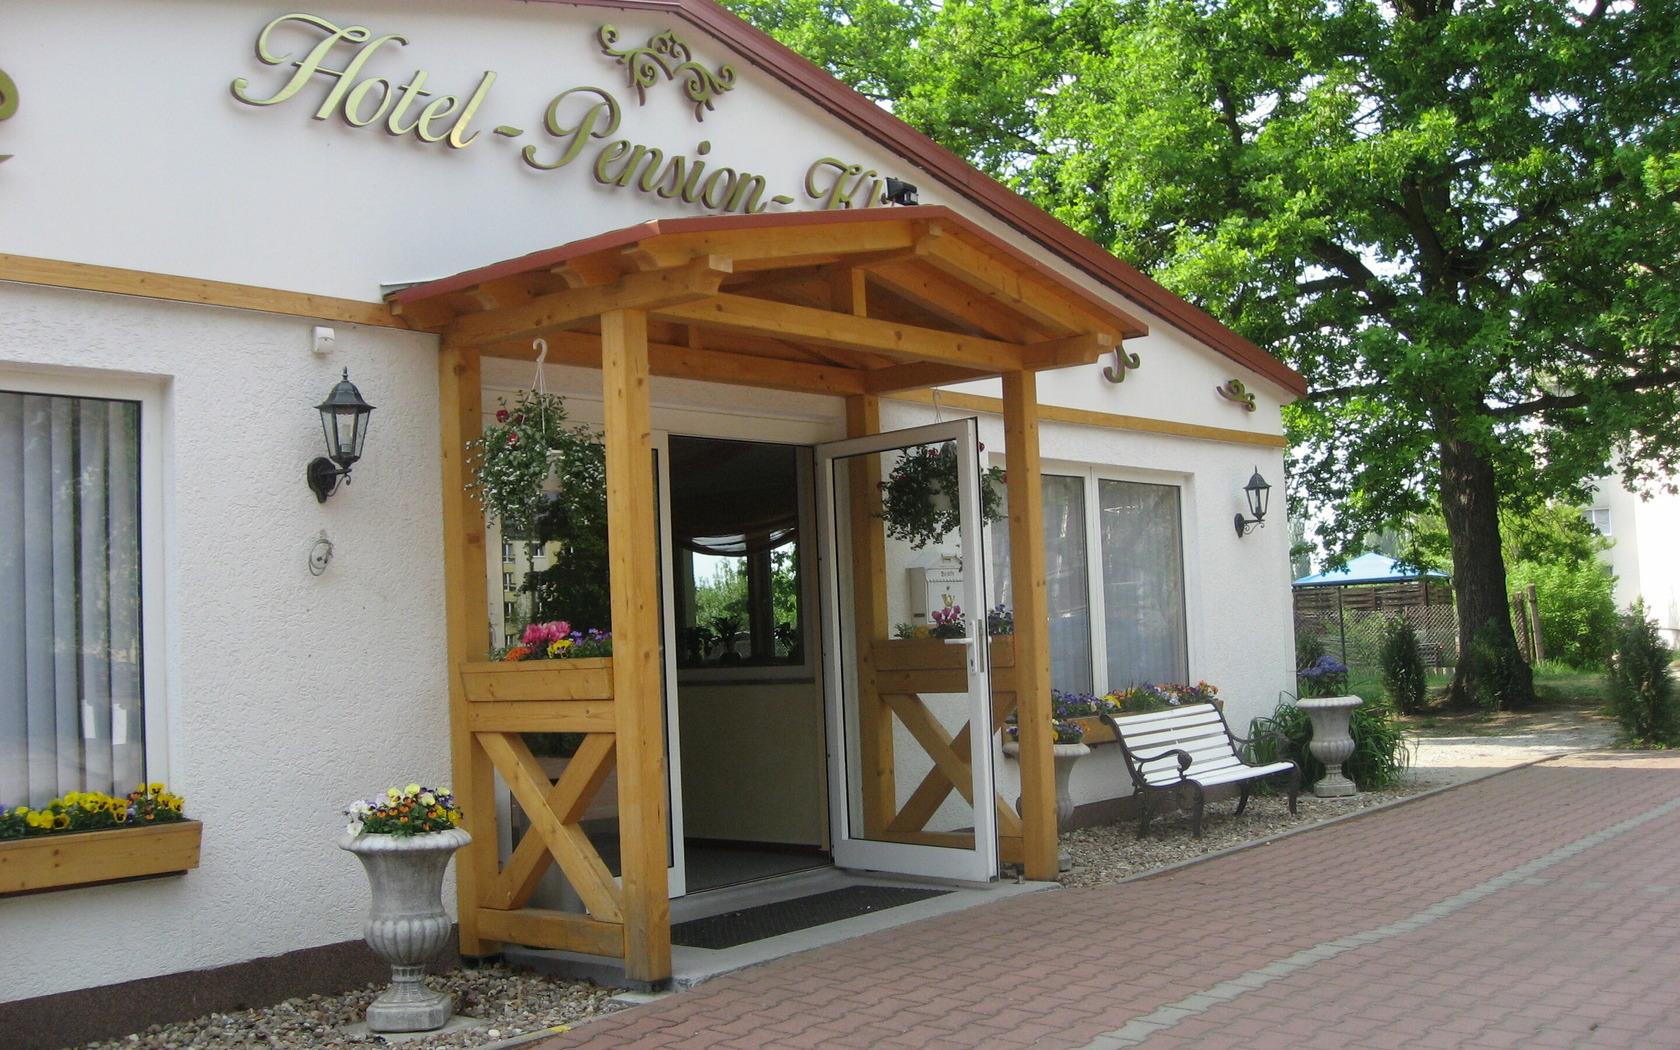 Hotel & Pension Klinger Aussenansicht, Foto: MuT Guben